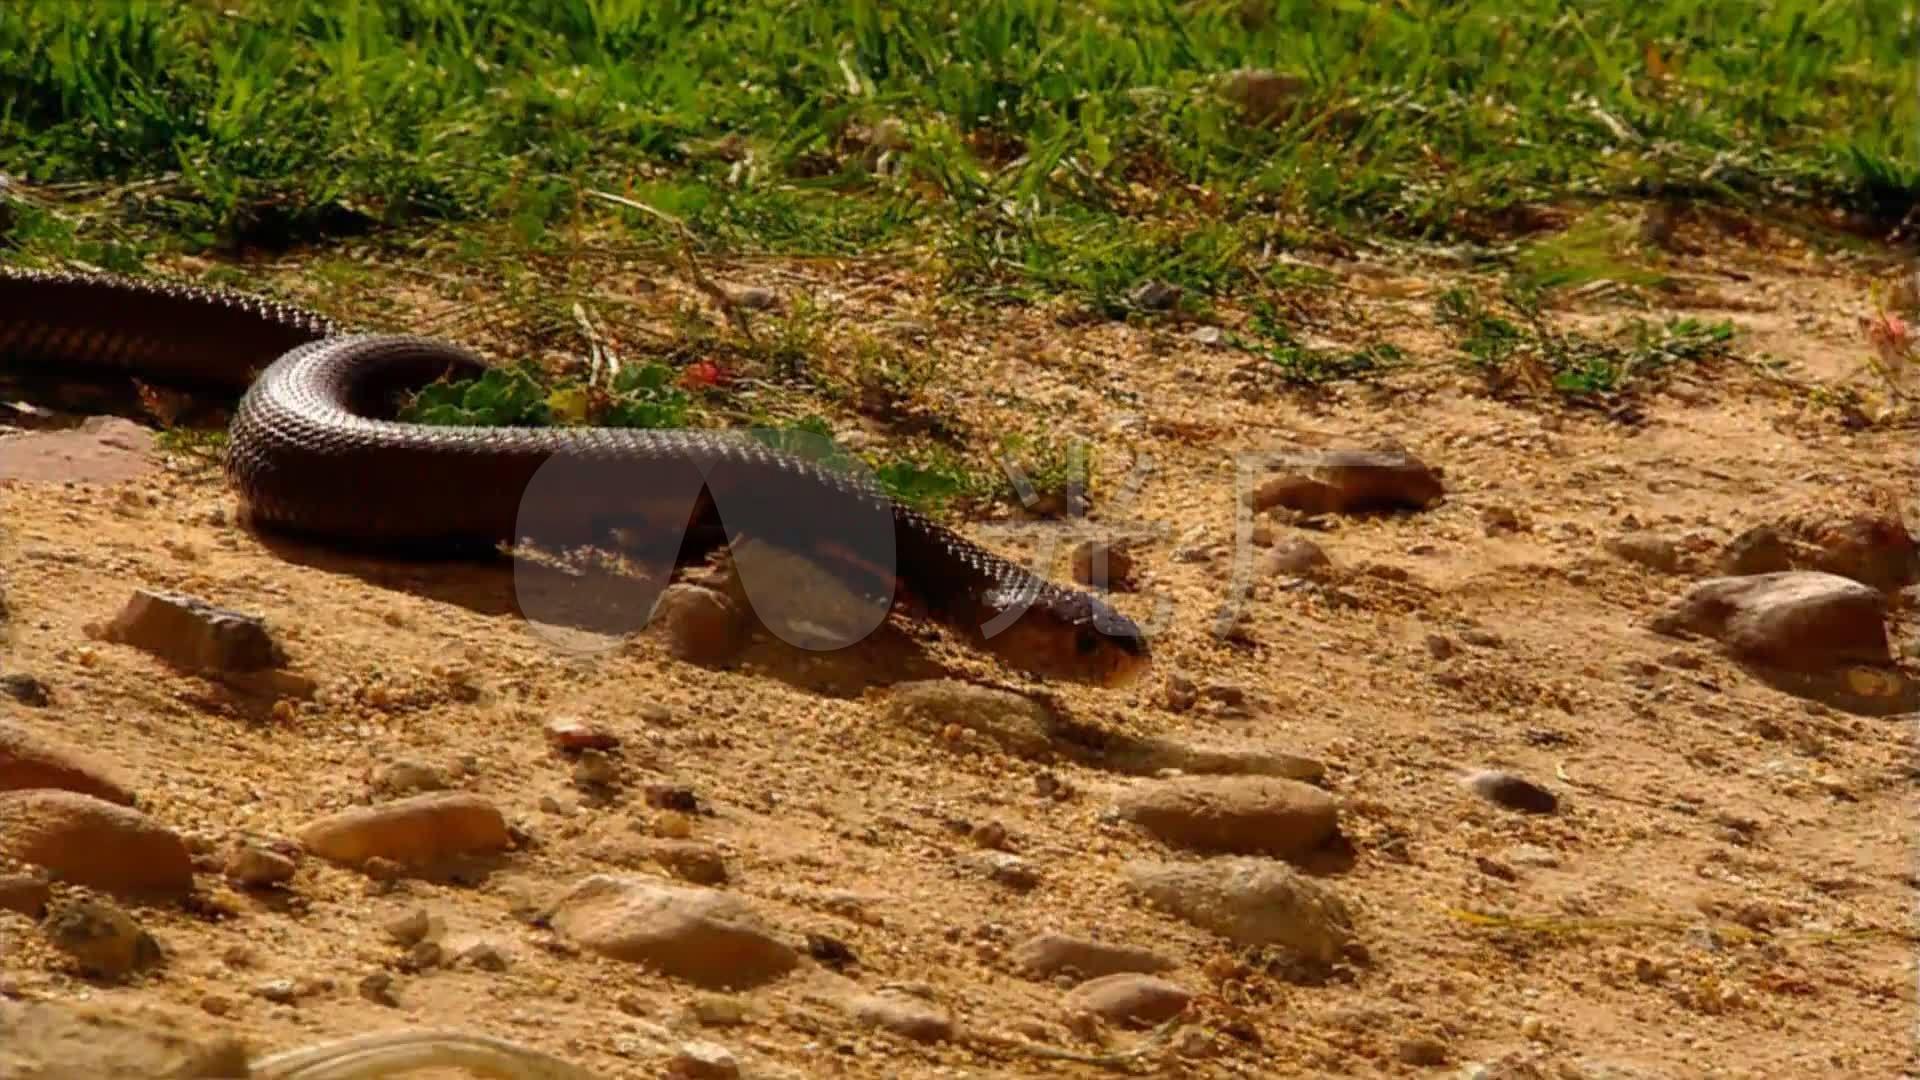 居民区的眼镜蛇_1920x1080_高清视频素材下载(编号:)